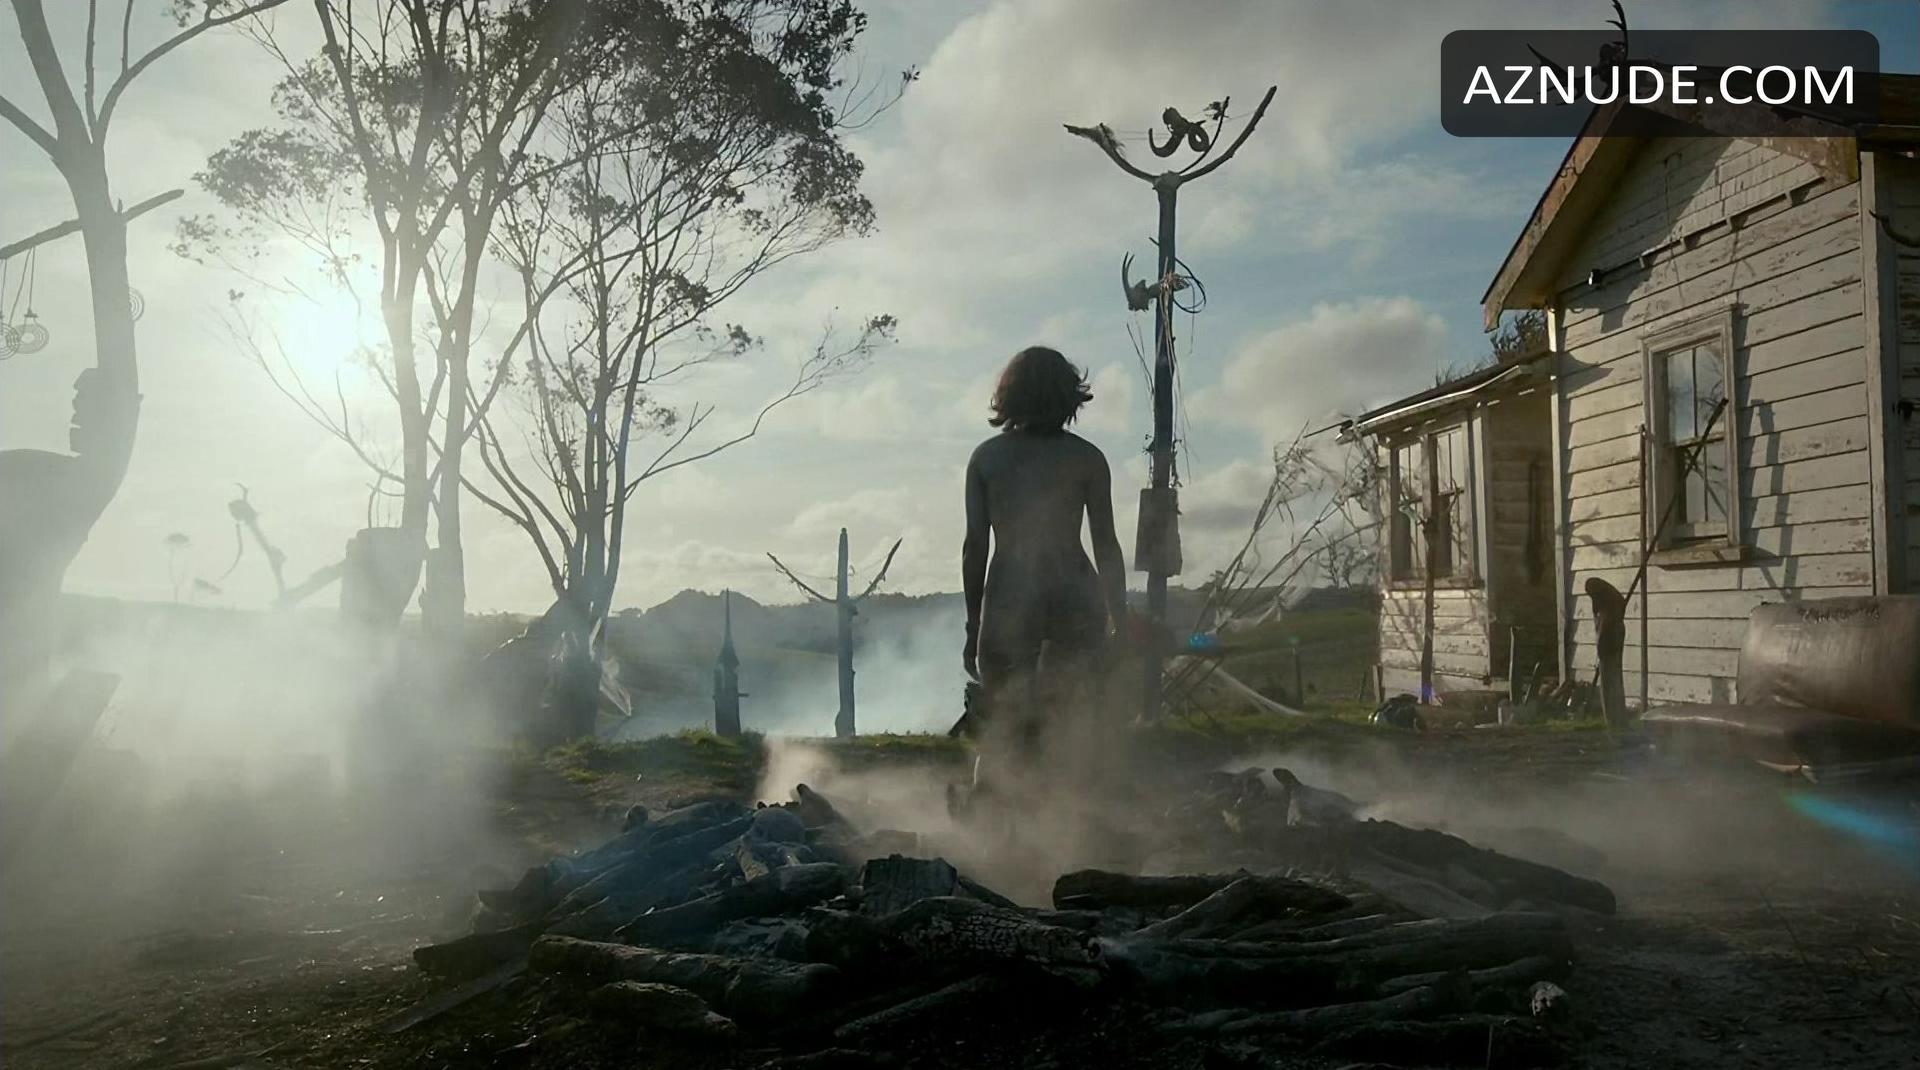 ash vs evil dead nude scenes aznude